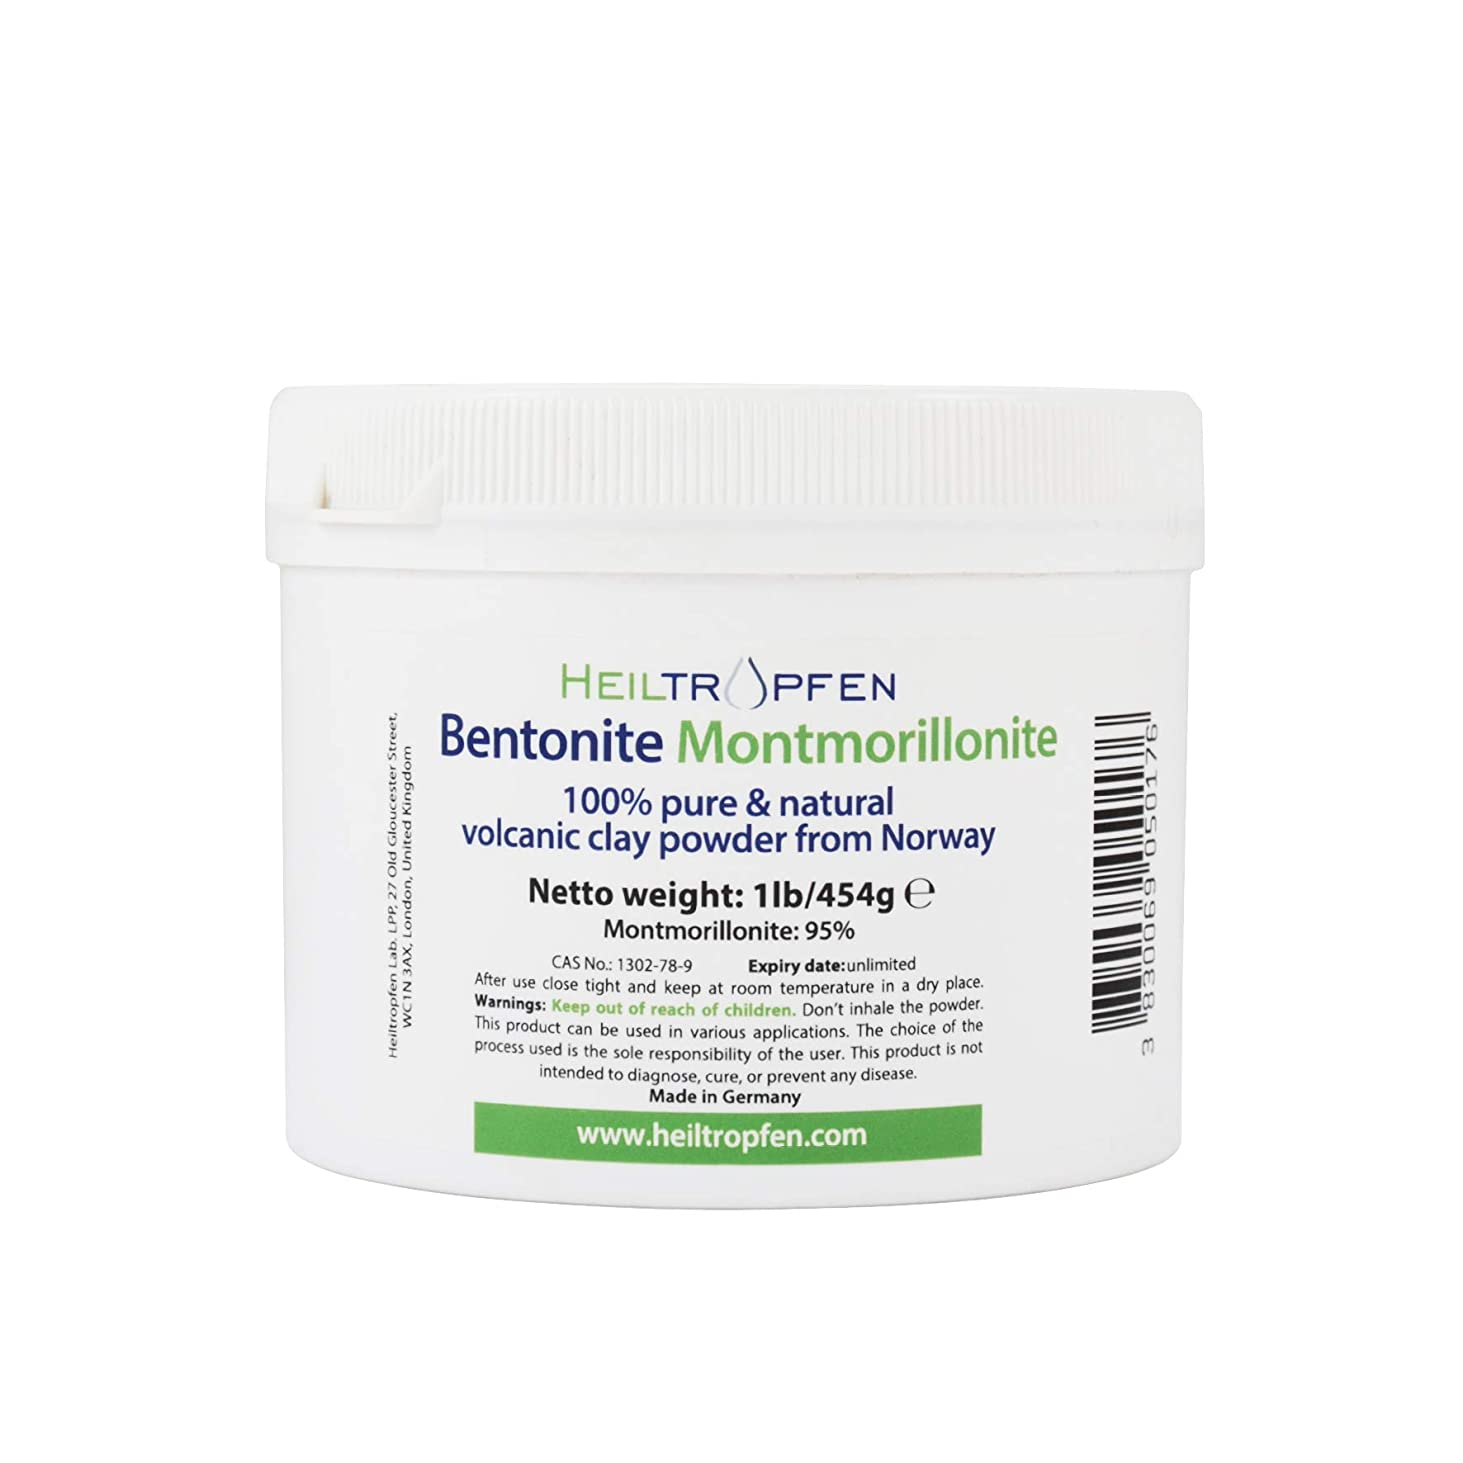 人気のシリングすべてベントナイトモンモリロナイトパウダー、1lb-454g、ウルトラファイン、モンモリロナイト含有量:95%、天然ミネラルダスト。bentonite